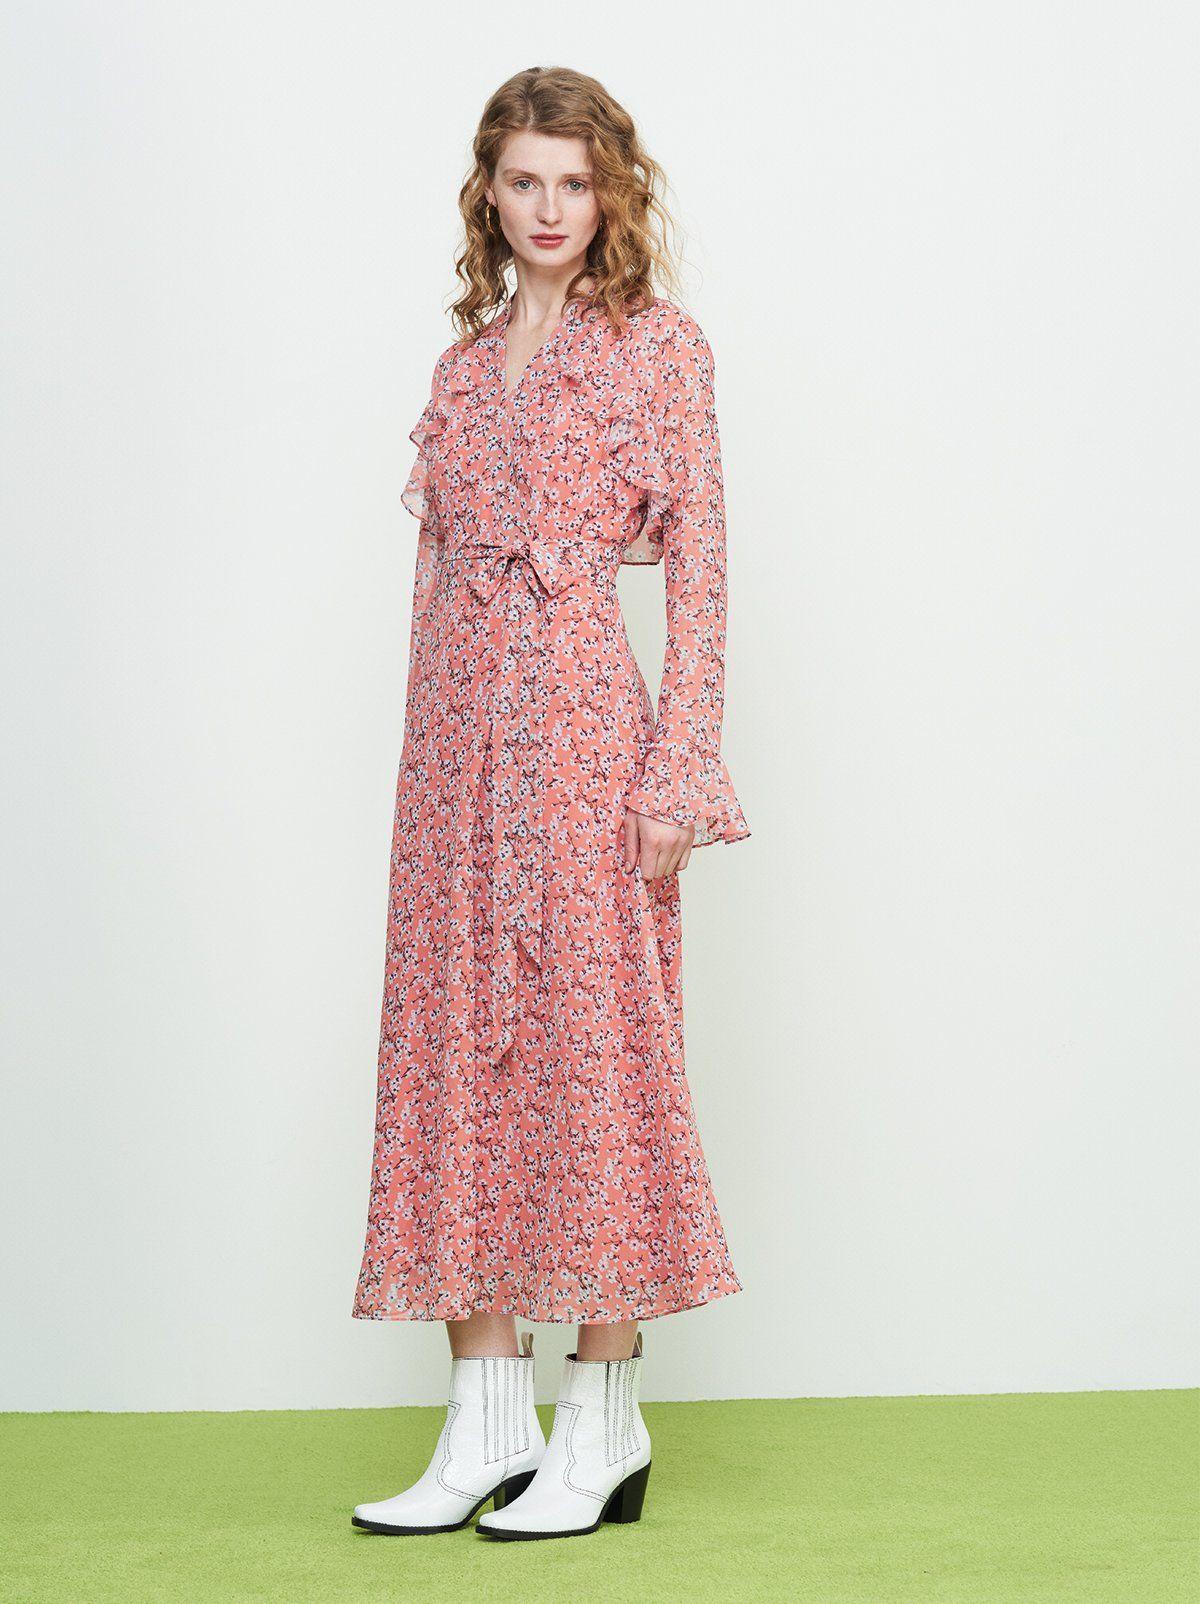 Encantador Vestido De Novia Rojo Vera Wang Patrón - Colección del ...